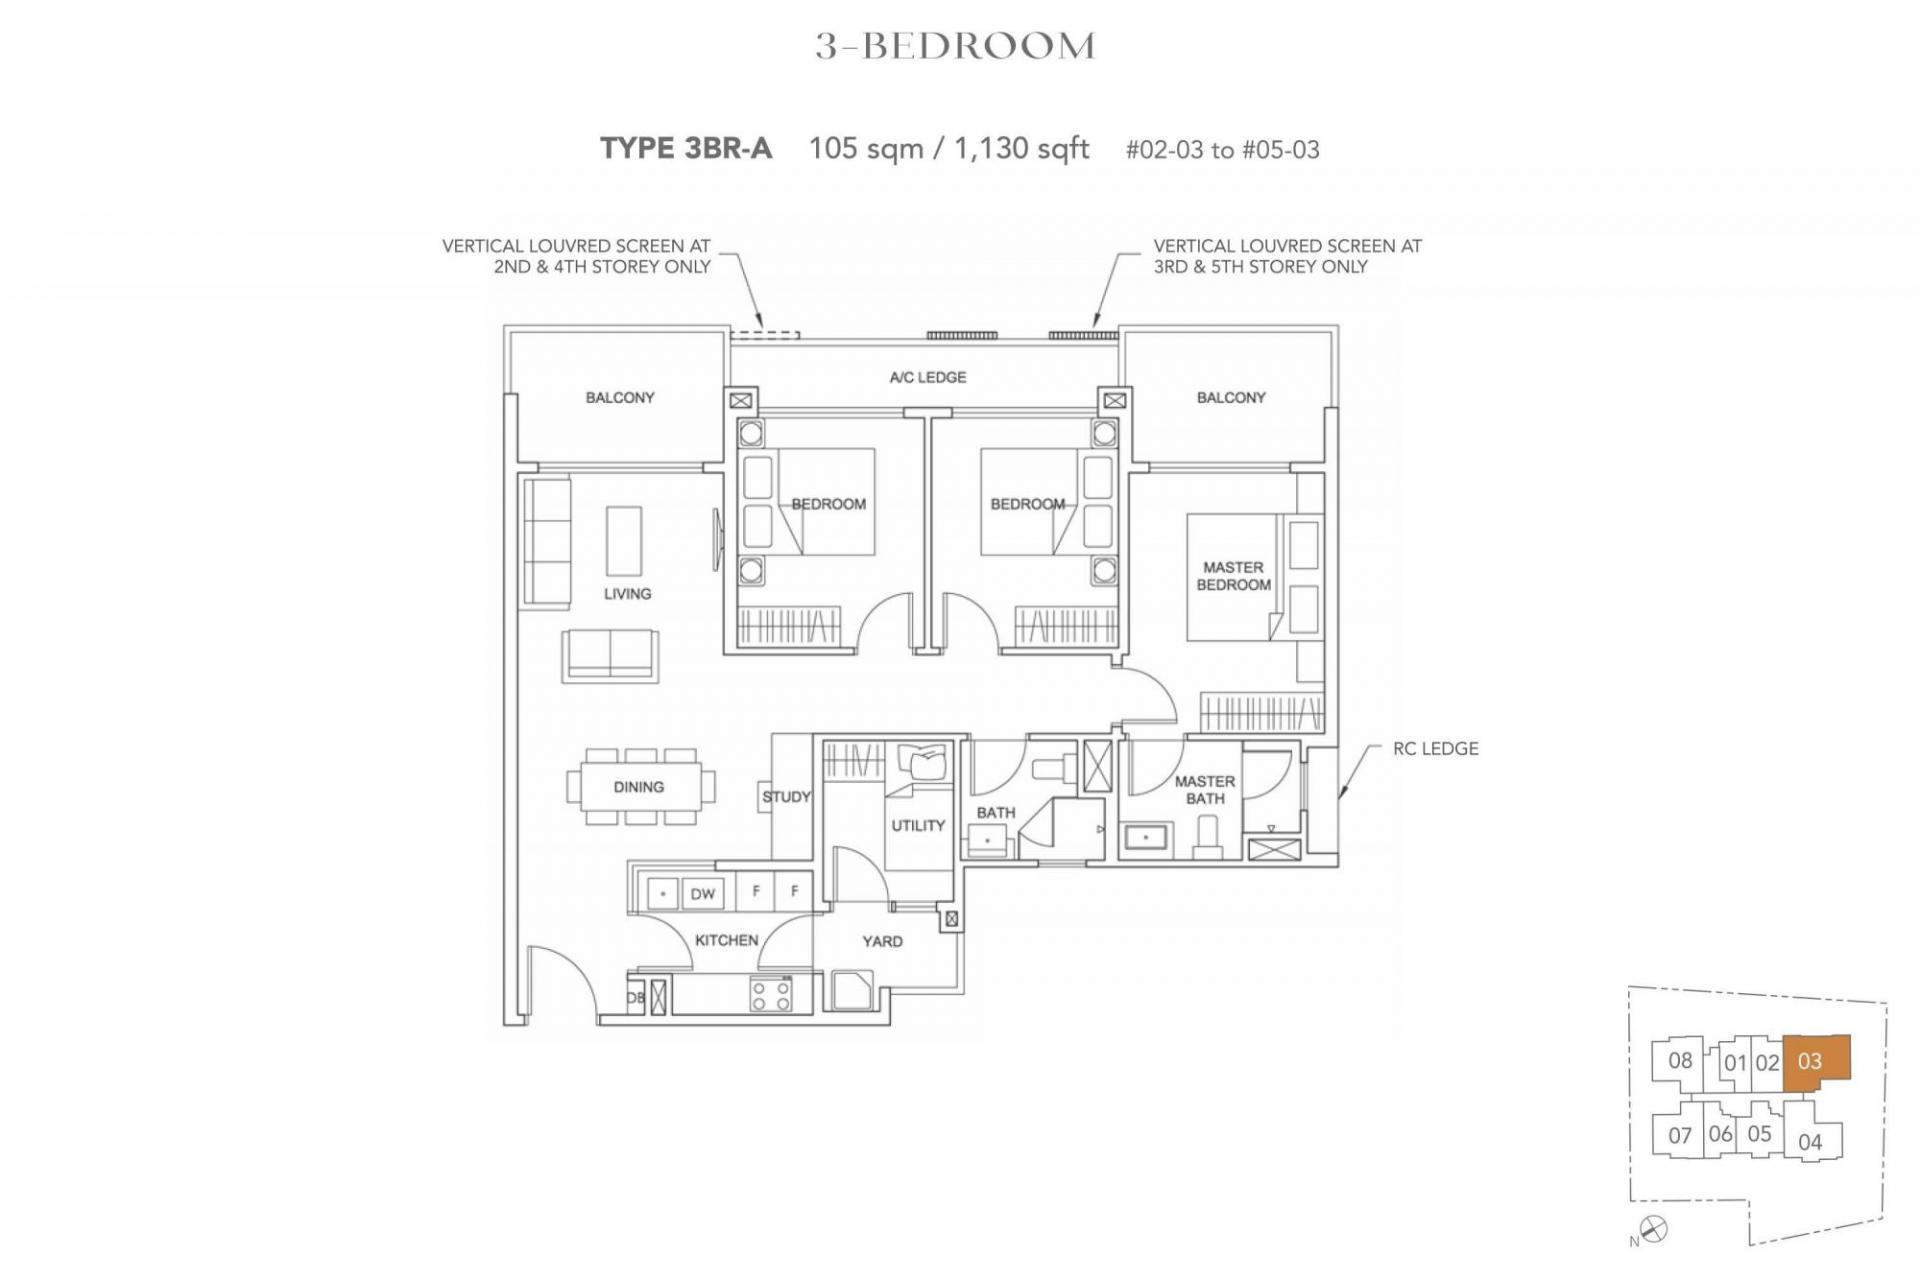 jervois-treasures-floor-plan-3